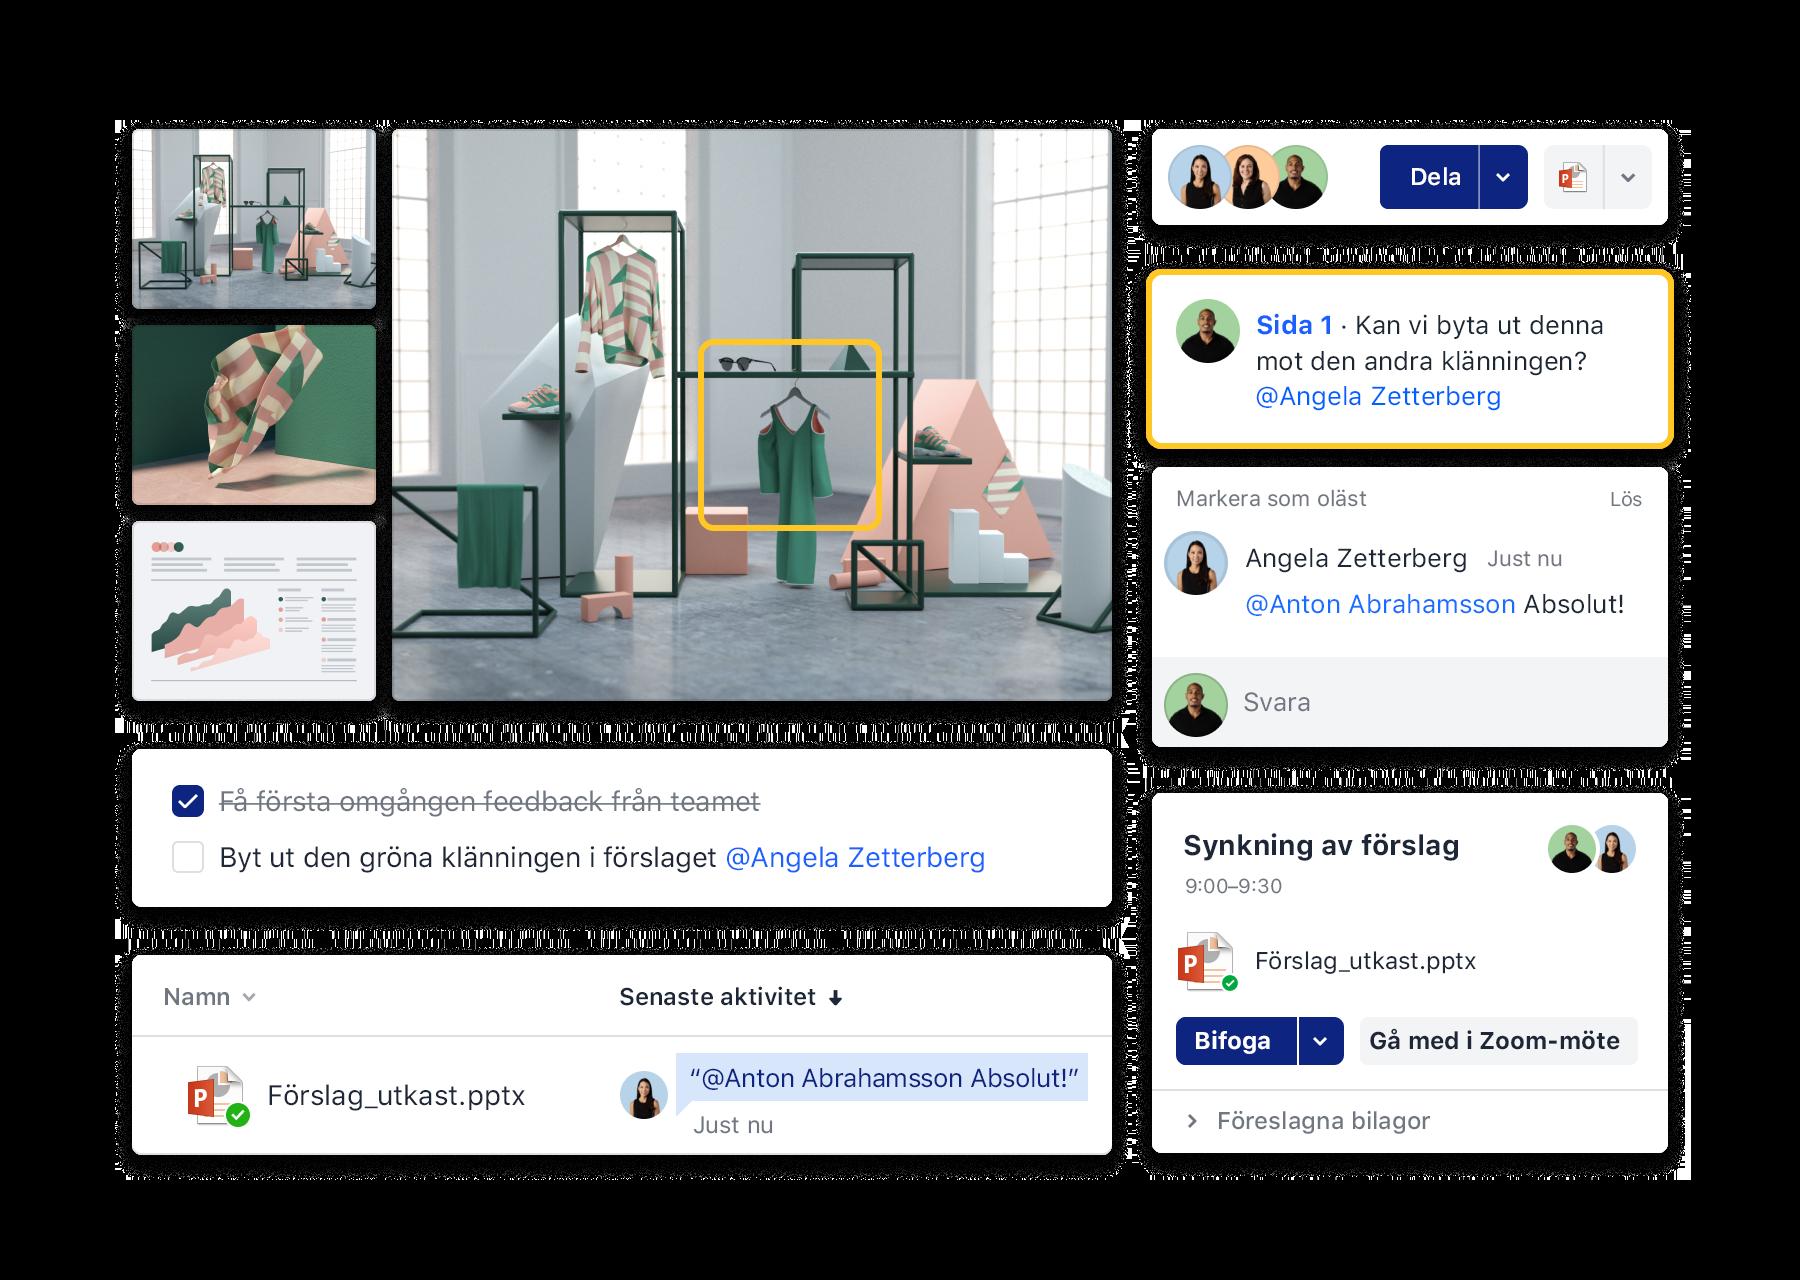 Dropbox gränssnitt för samarbete, till exempel att lägga till kommentarer, organisera Zoom-möten och använda att-göra-listor.